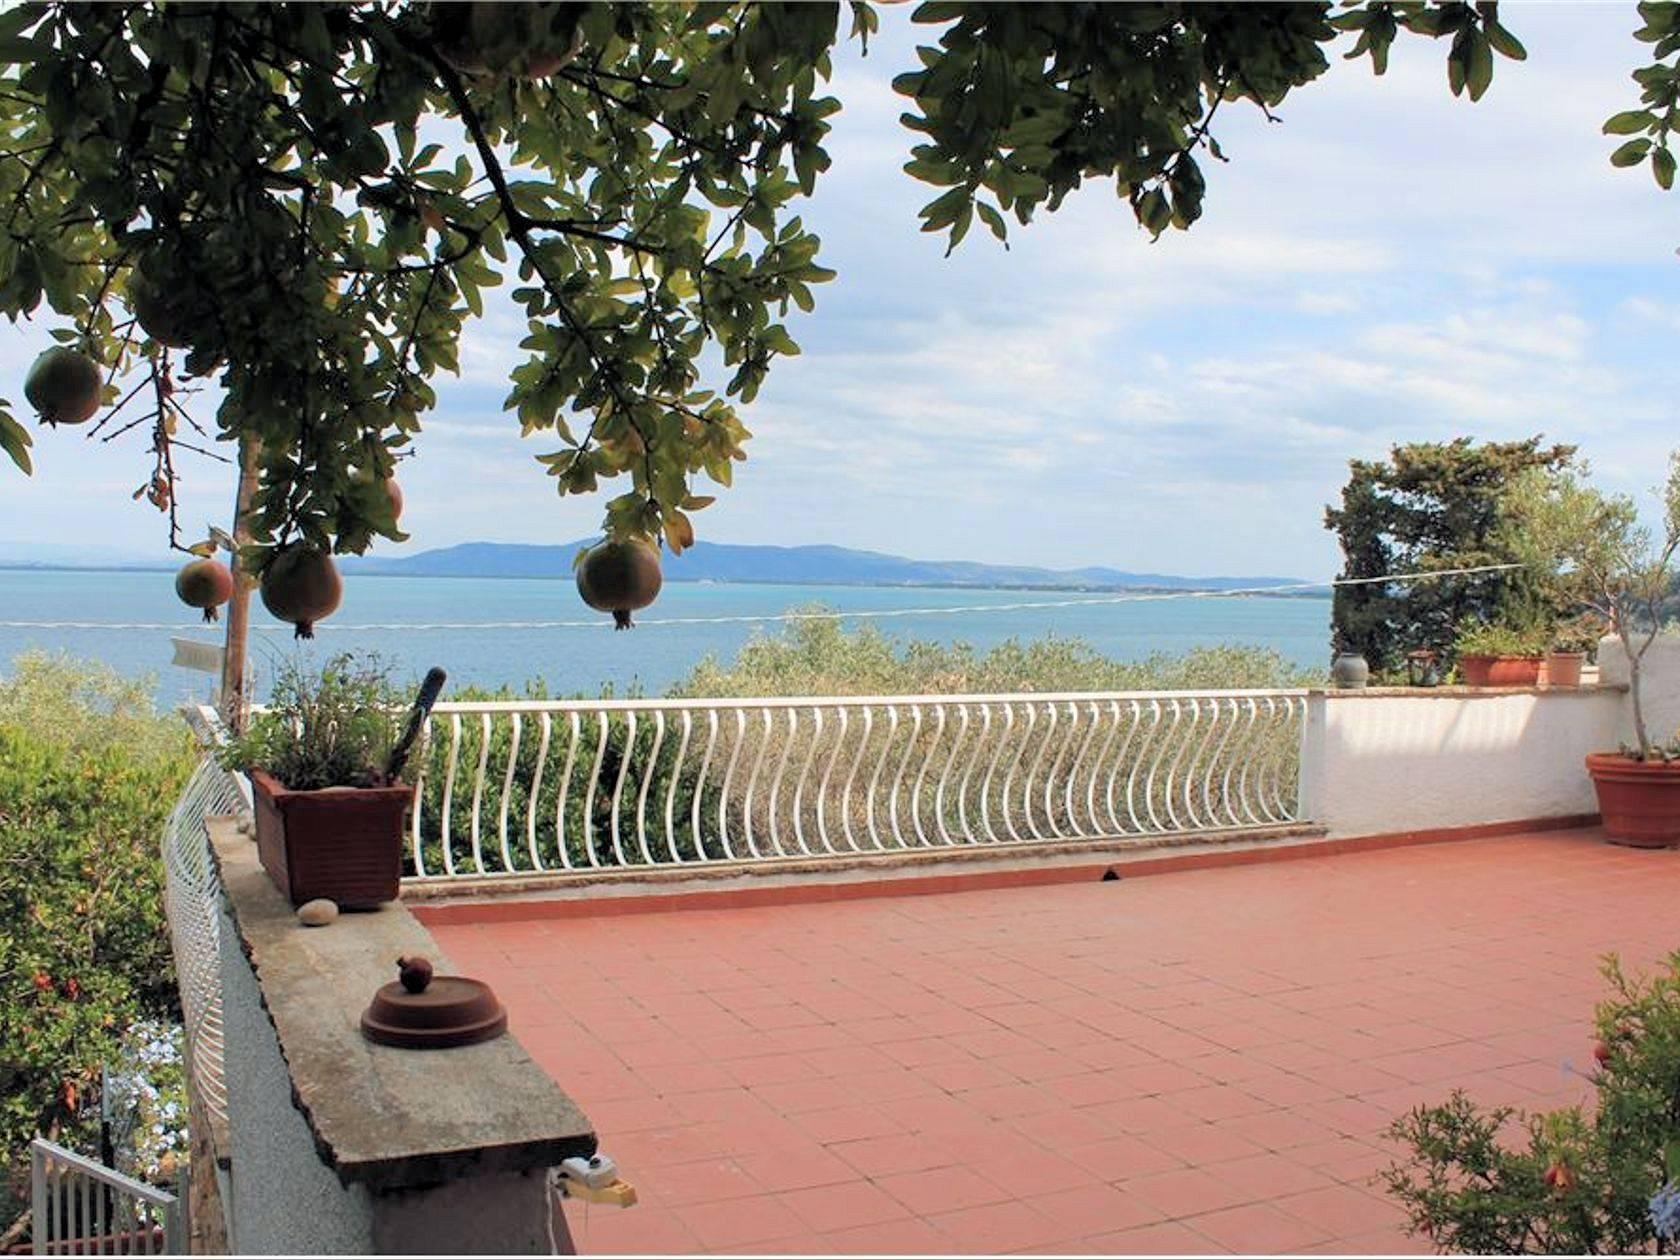 Appartamento in vendita a Monte Argentario, 5 locali, zona Località: PortoS.oStefano, prezzo € 400.000 | PortaleAgenzieImmobiliari.it